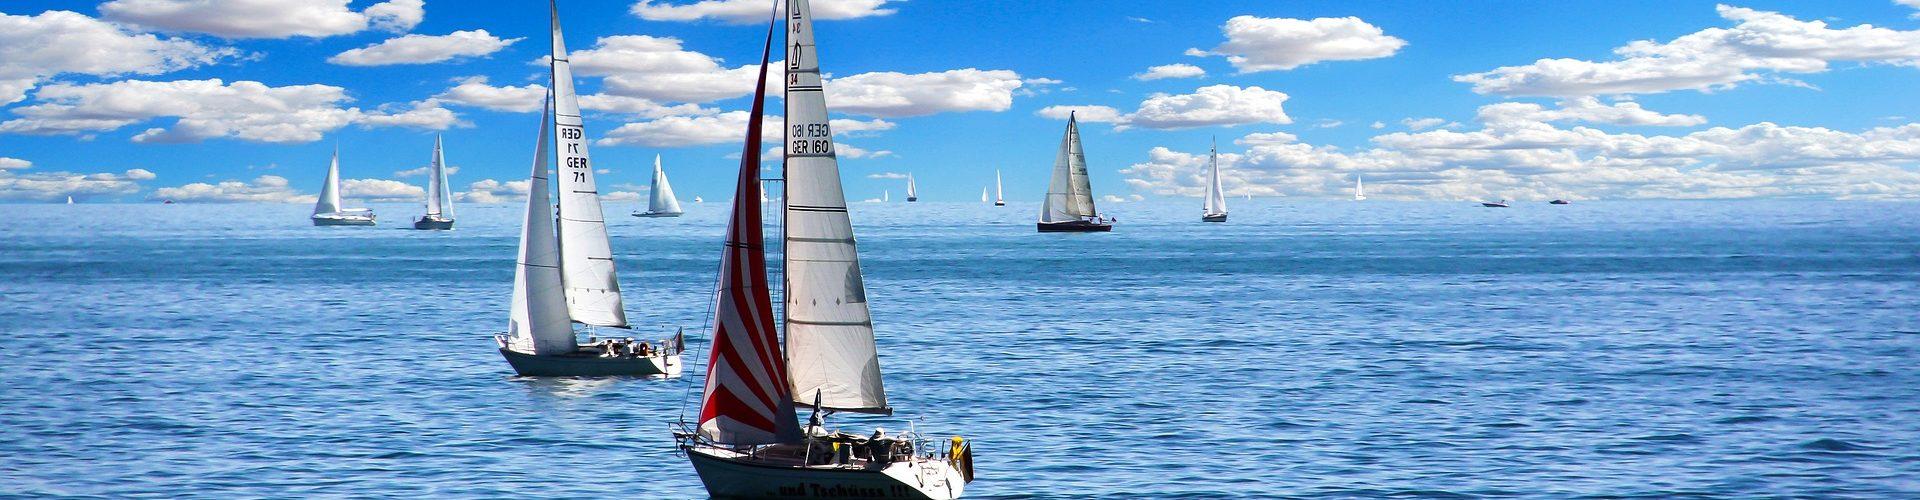 segeln lernen in Helgoland segelschein machen in Helgoland 1920x500 - Segeln lernen in Helgoland